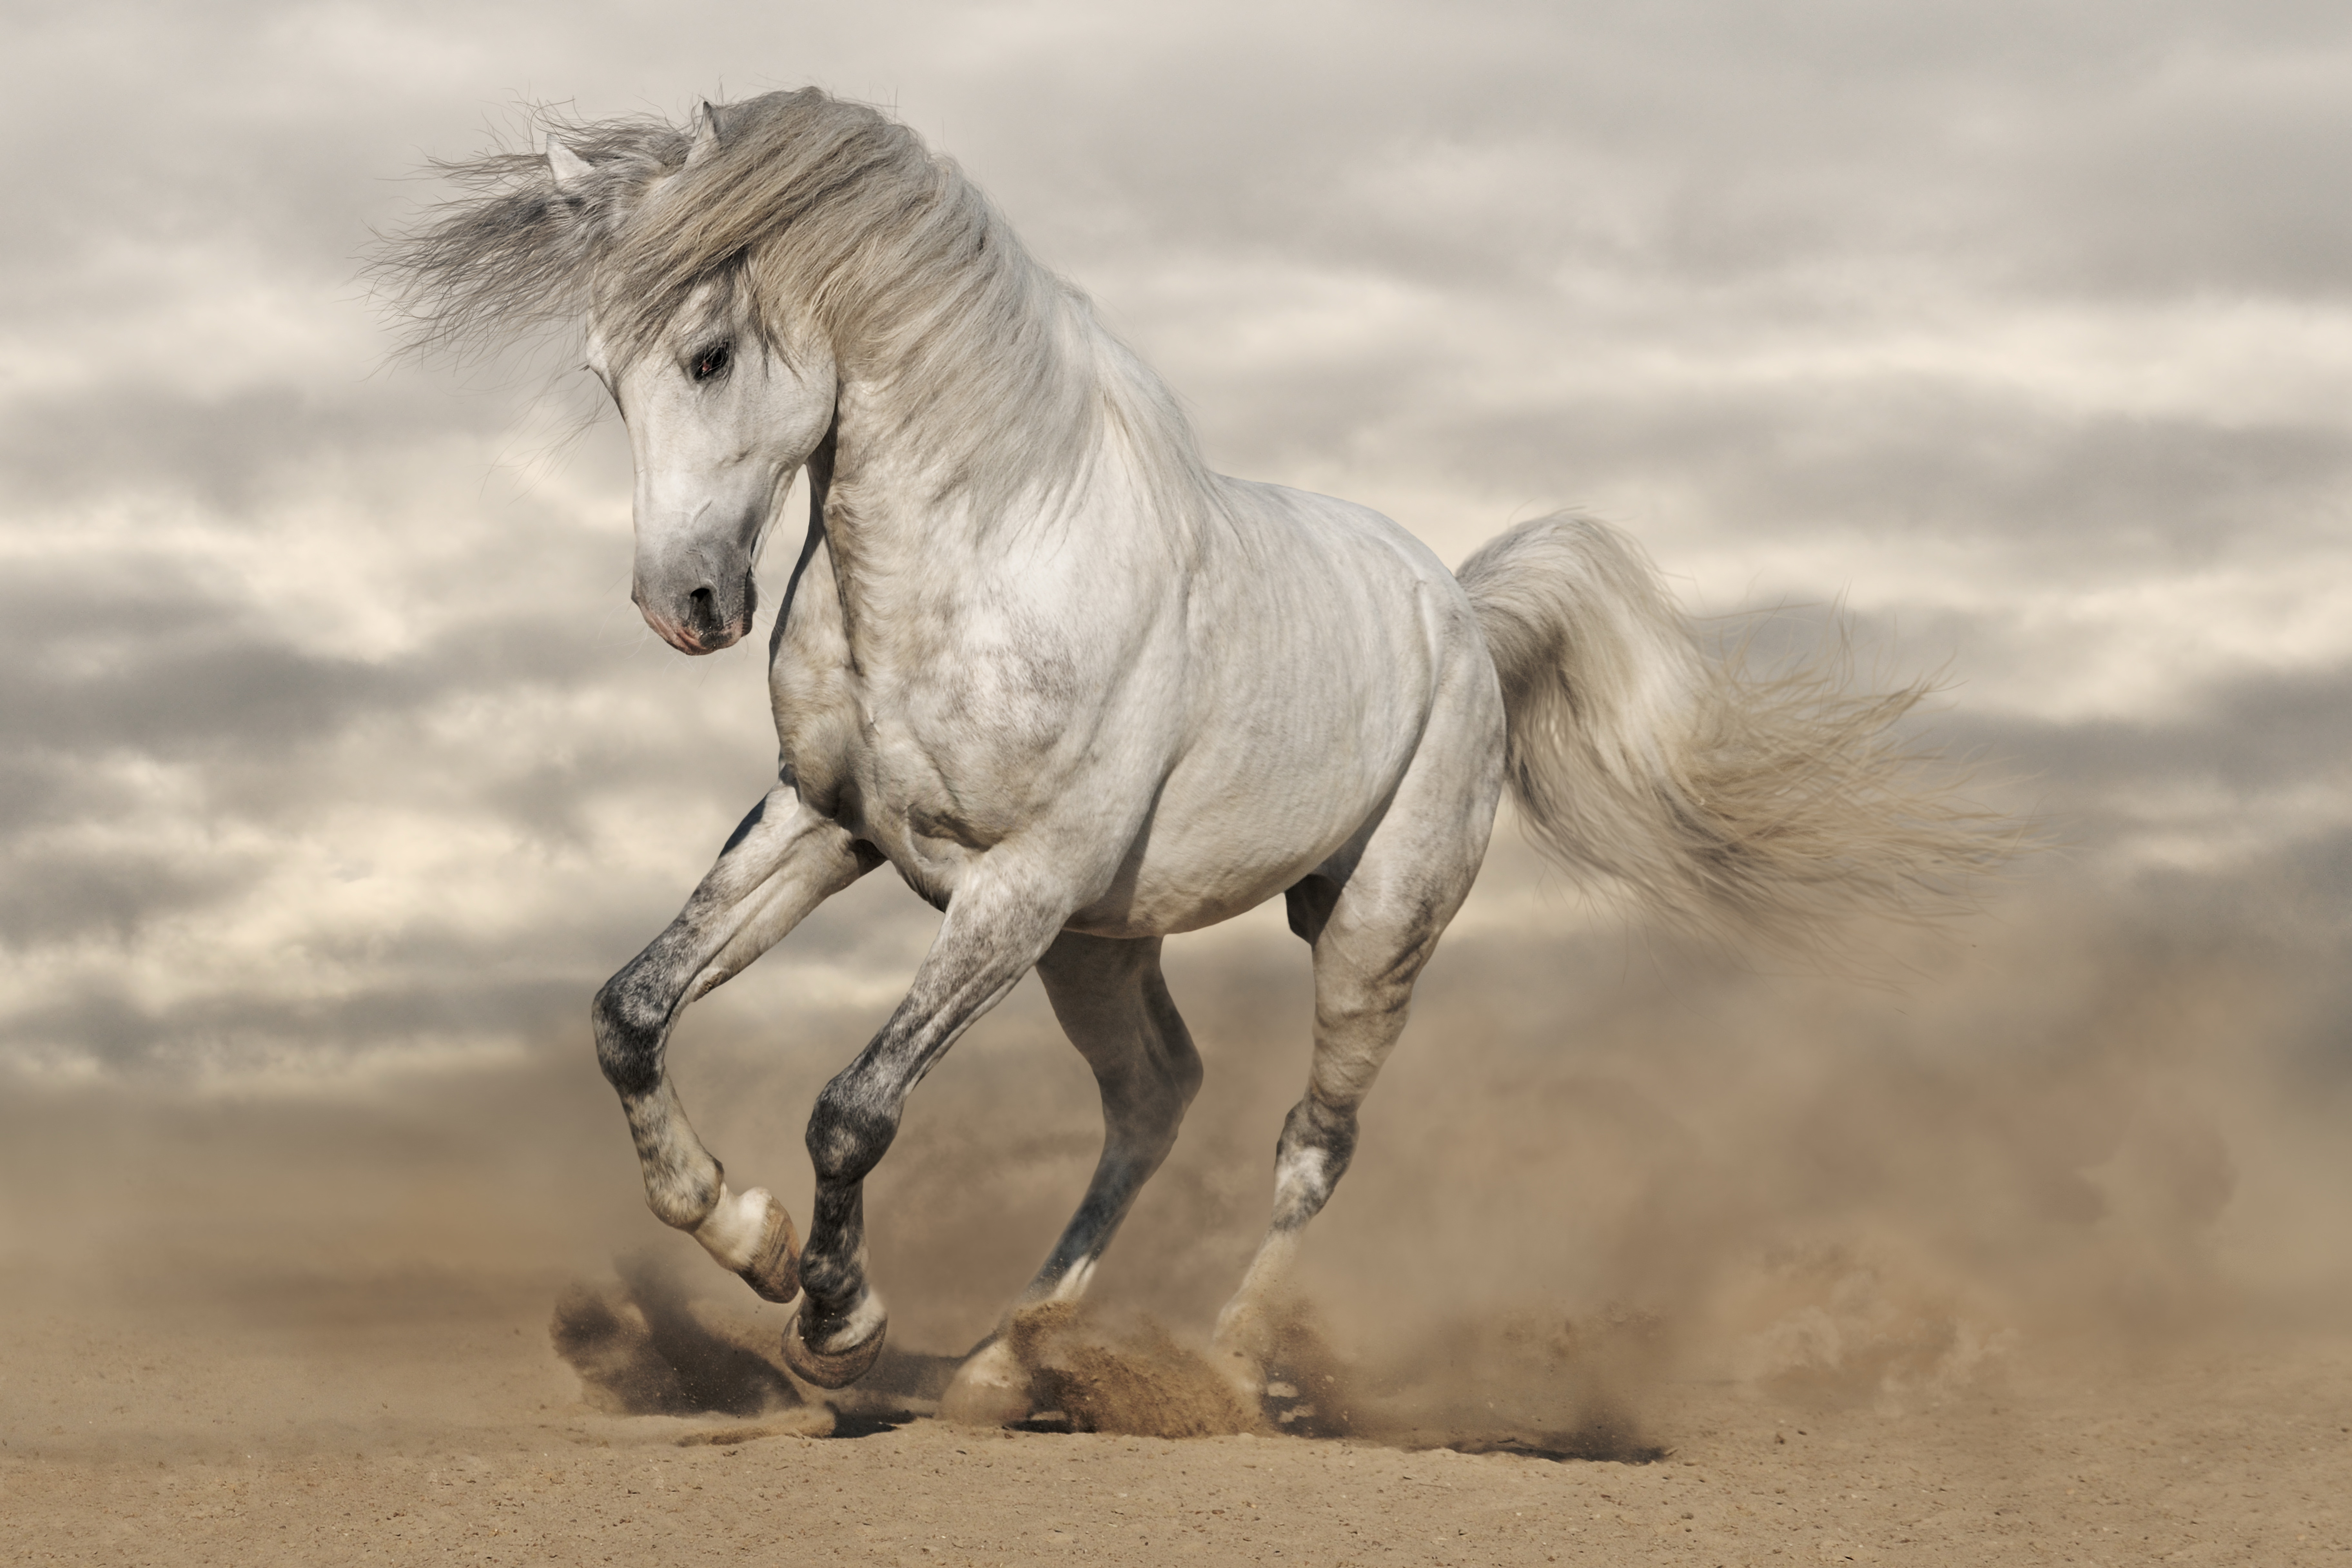 Картинка: Лошадь, белая, грация, песок, пыль, галоп, манёвр, облака